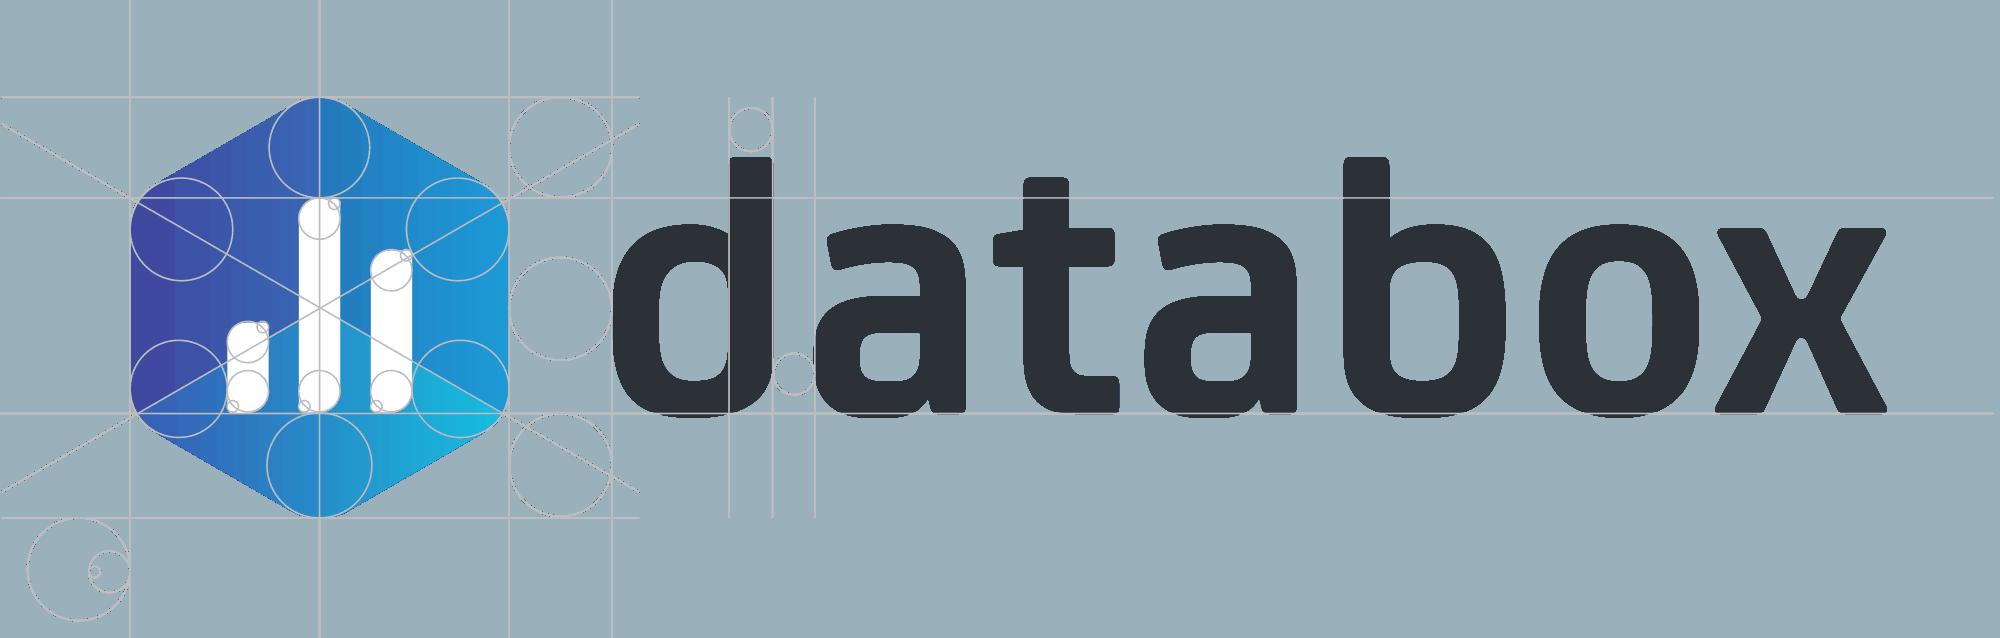 databox freemium marketing analytics tools